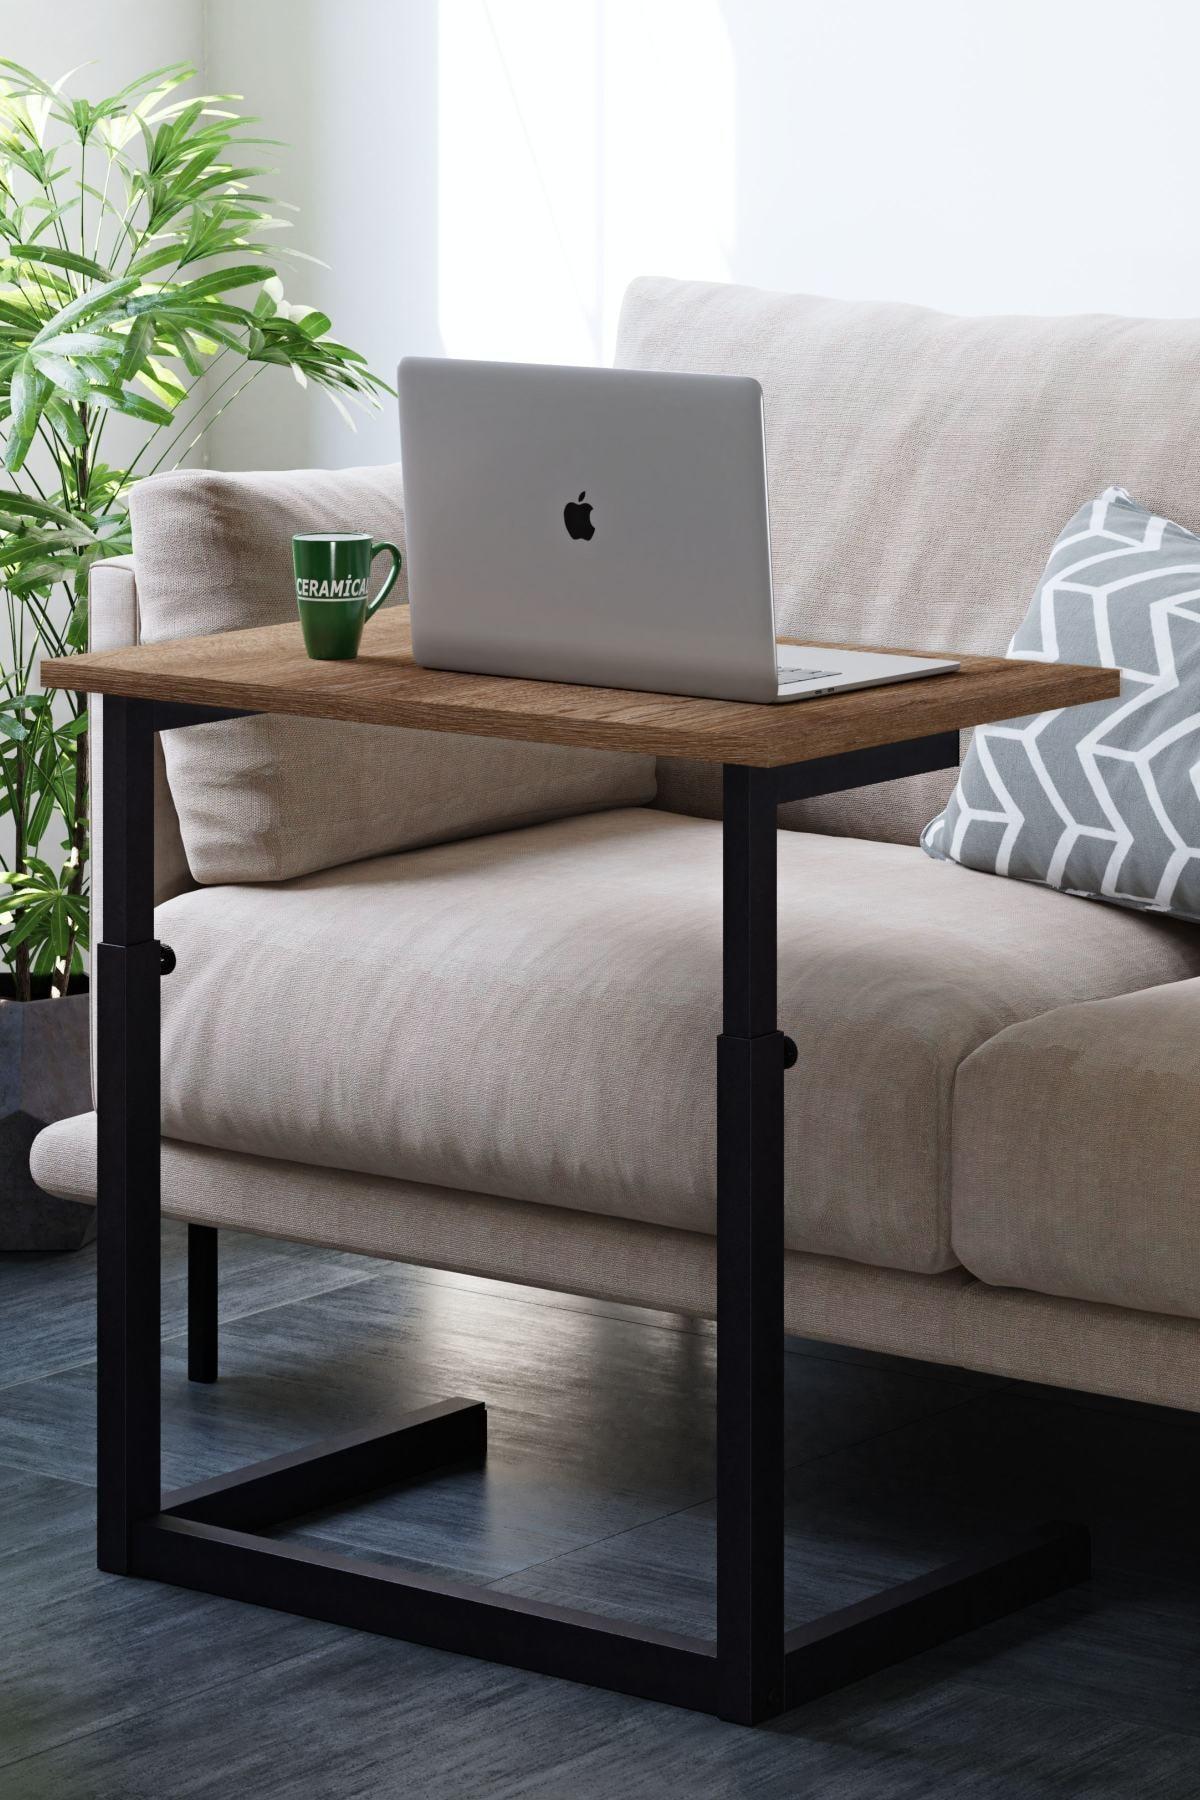 Yükseklik Ayarlı Laptop Sehpası, Çalışma Masası, Bilgisayar Masası - Sakramento